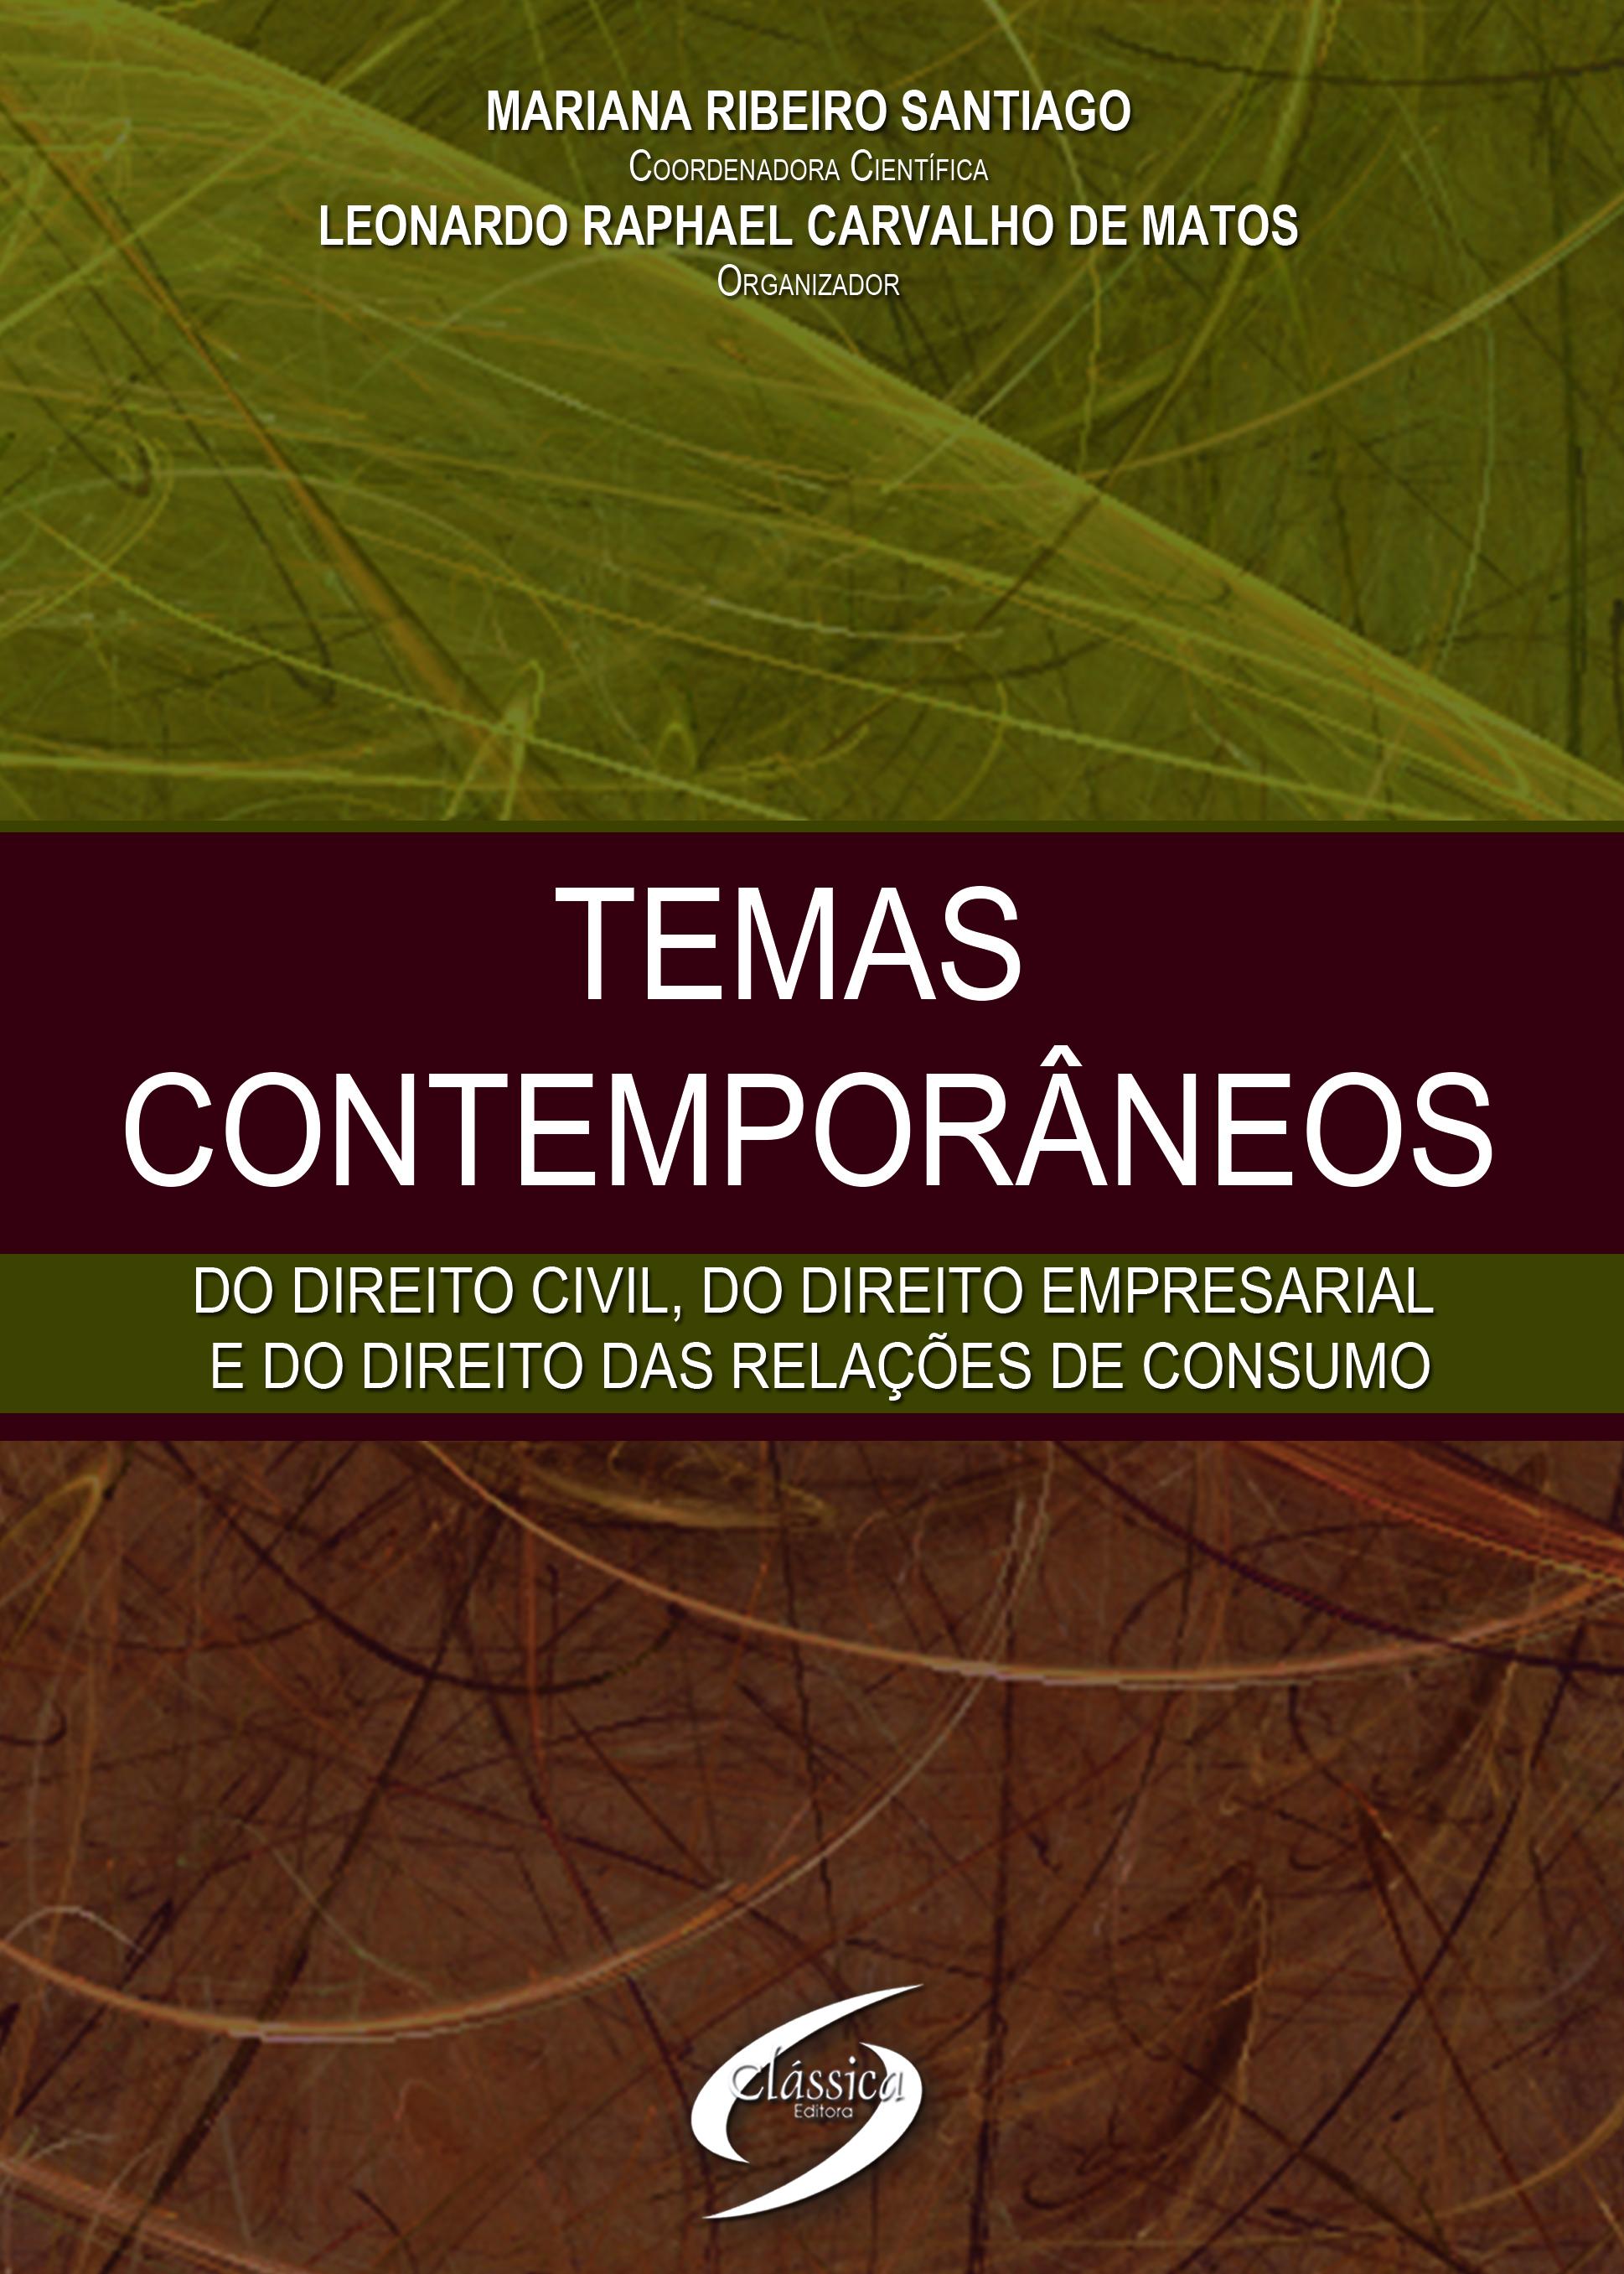 Temas Contemporâneos do Direito Civil, do Direito Empresarial e do Direito das Relações de Consumo